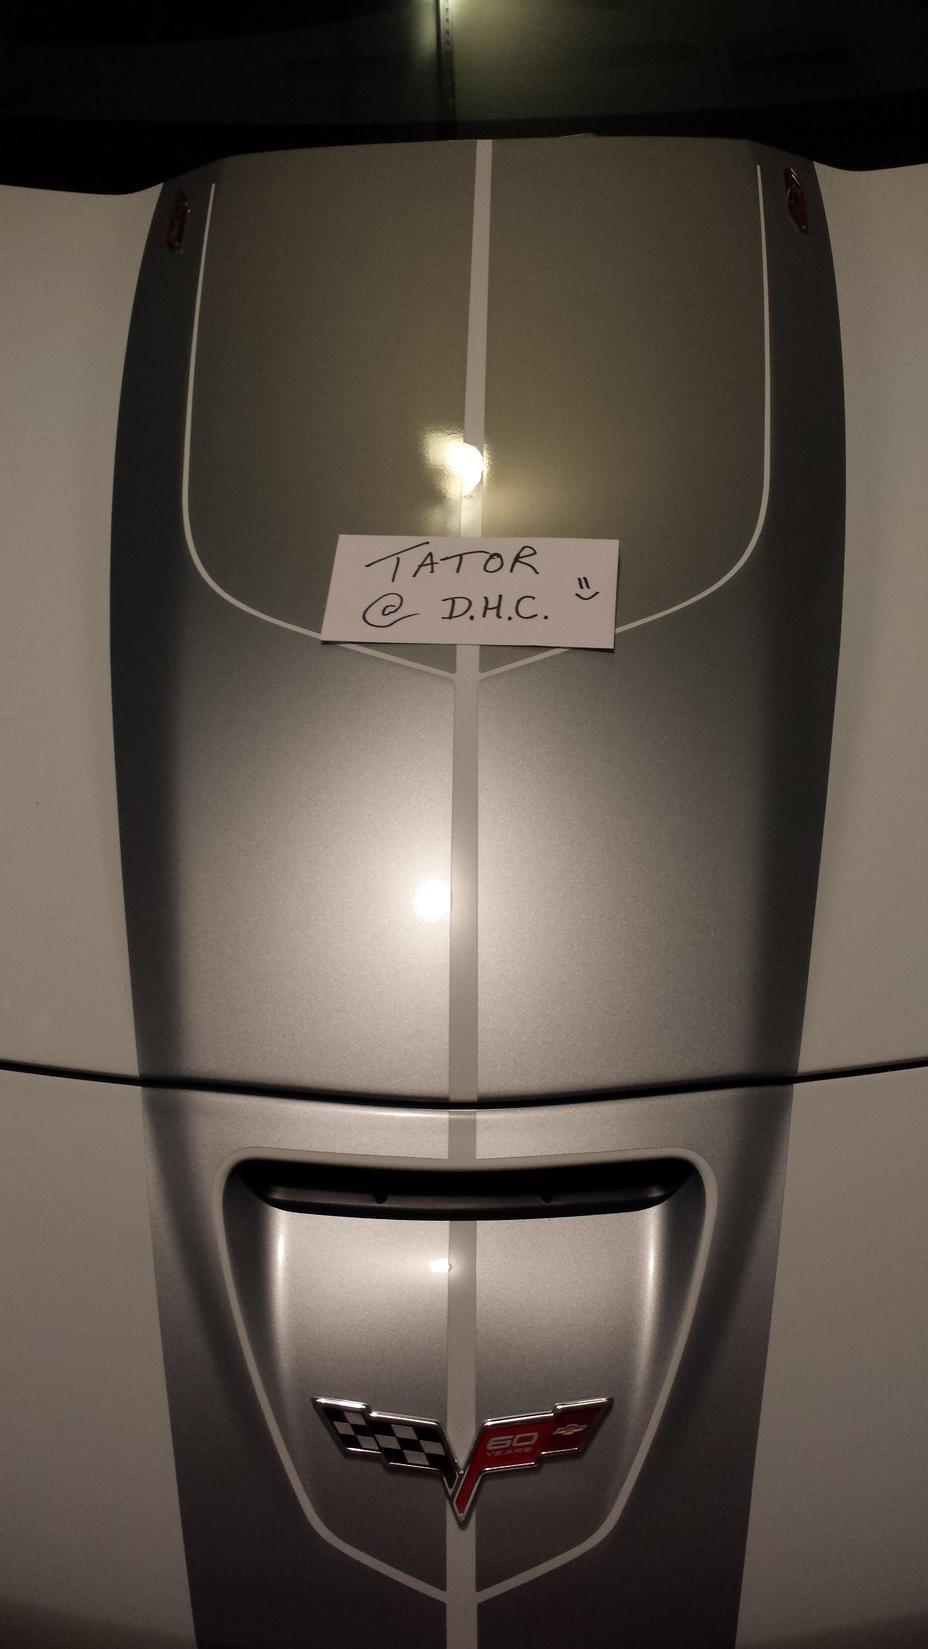 cars-20140415_225109.jpg